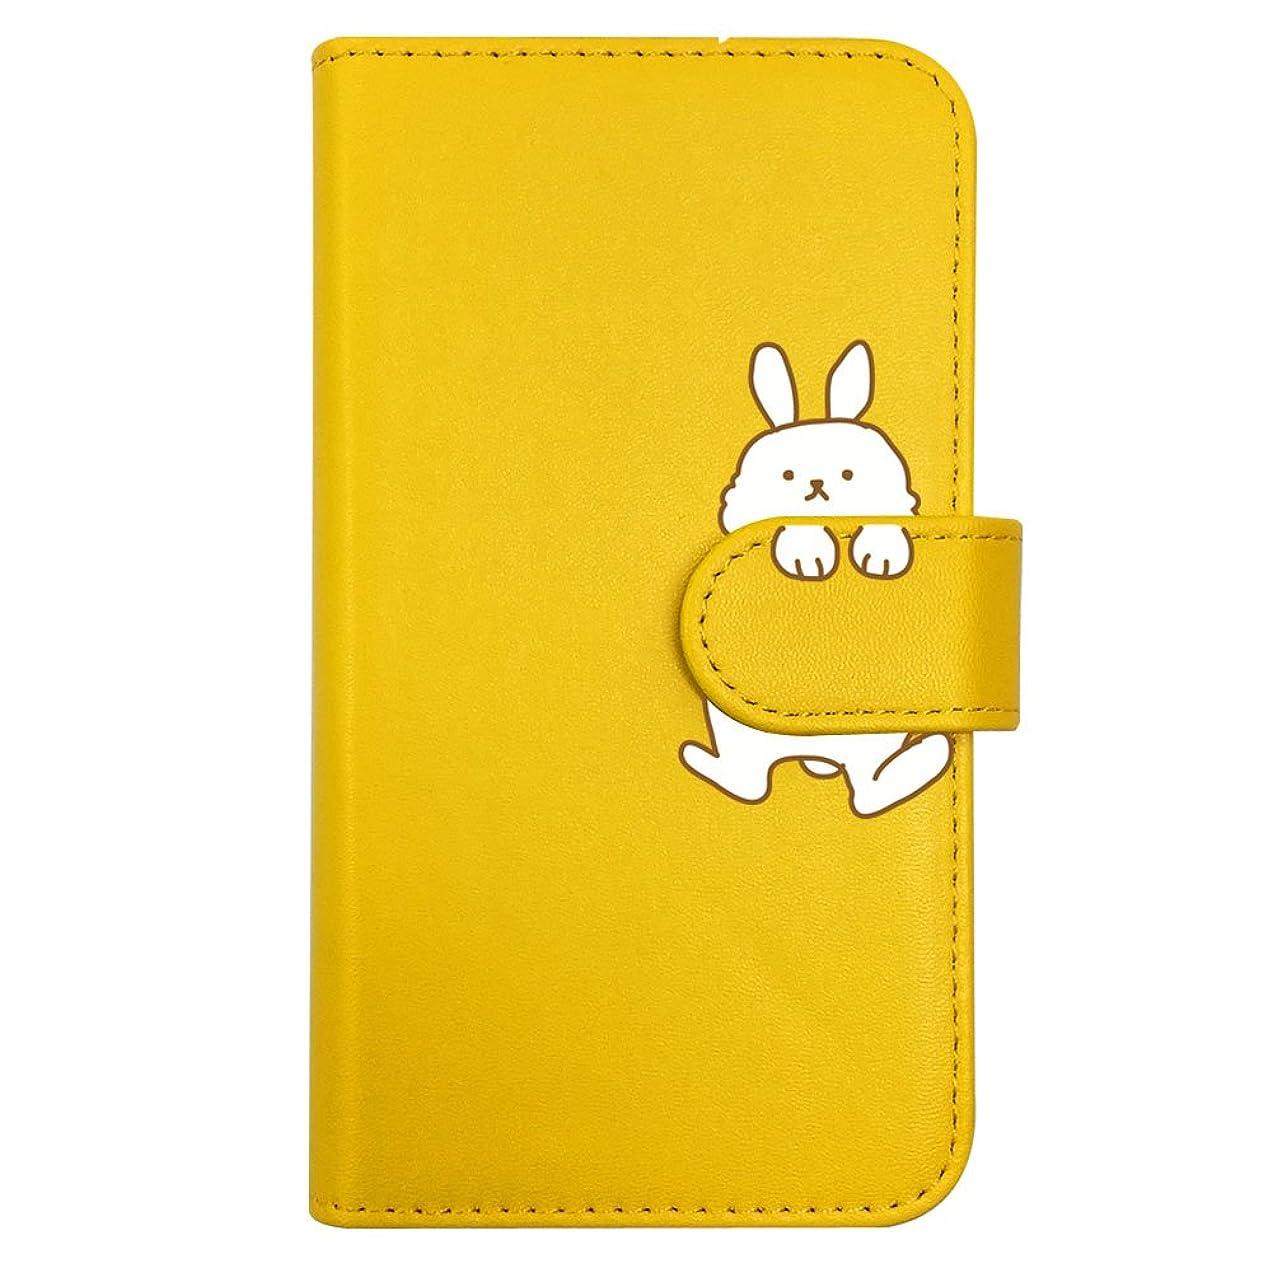 保証急いで気分【moimoikka】 iPodTouch5 アイポッドタッチ5 手帳型 スマホ ケース うさぎ 動物 キャラクター かわいい (イエロー) ラビット アニマル ダイアリータイプ 横開き カード収納 フリップ カバー スマートフォン モイモイッカ もいもいっか sslink